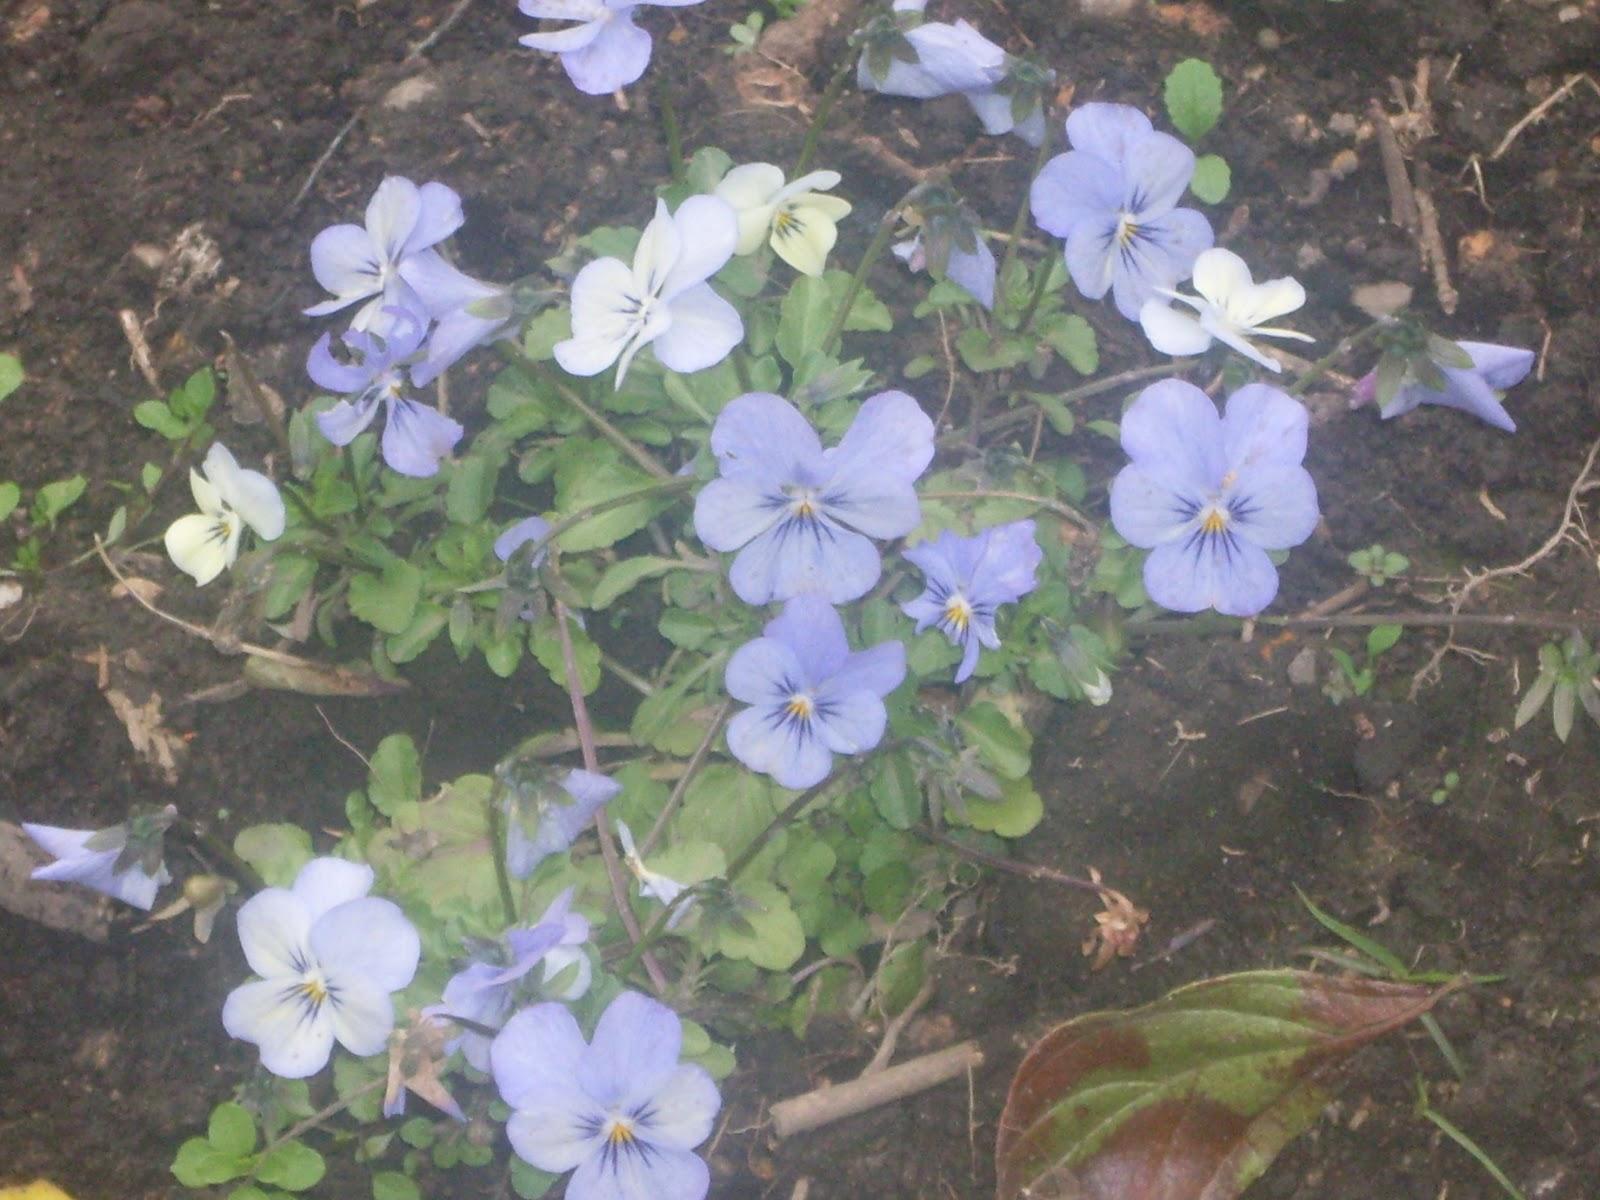 Plantas ornamentales plantas ornamentales for 4 plantas ornamentales